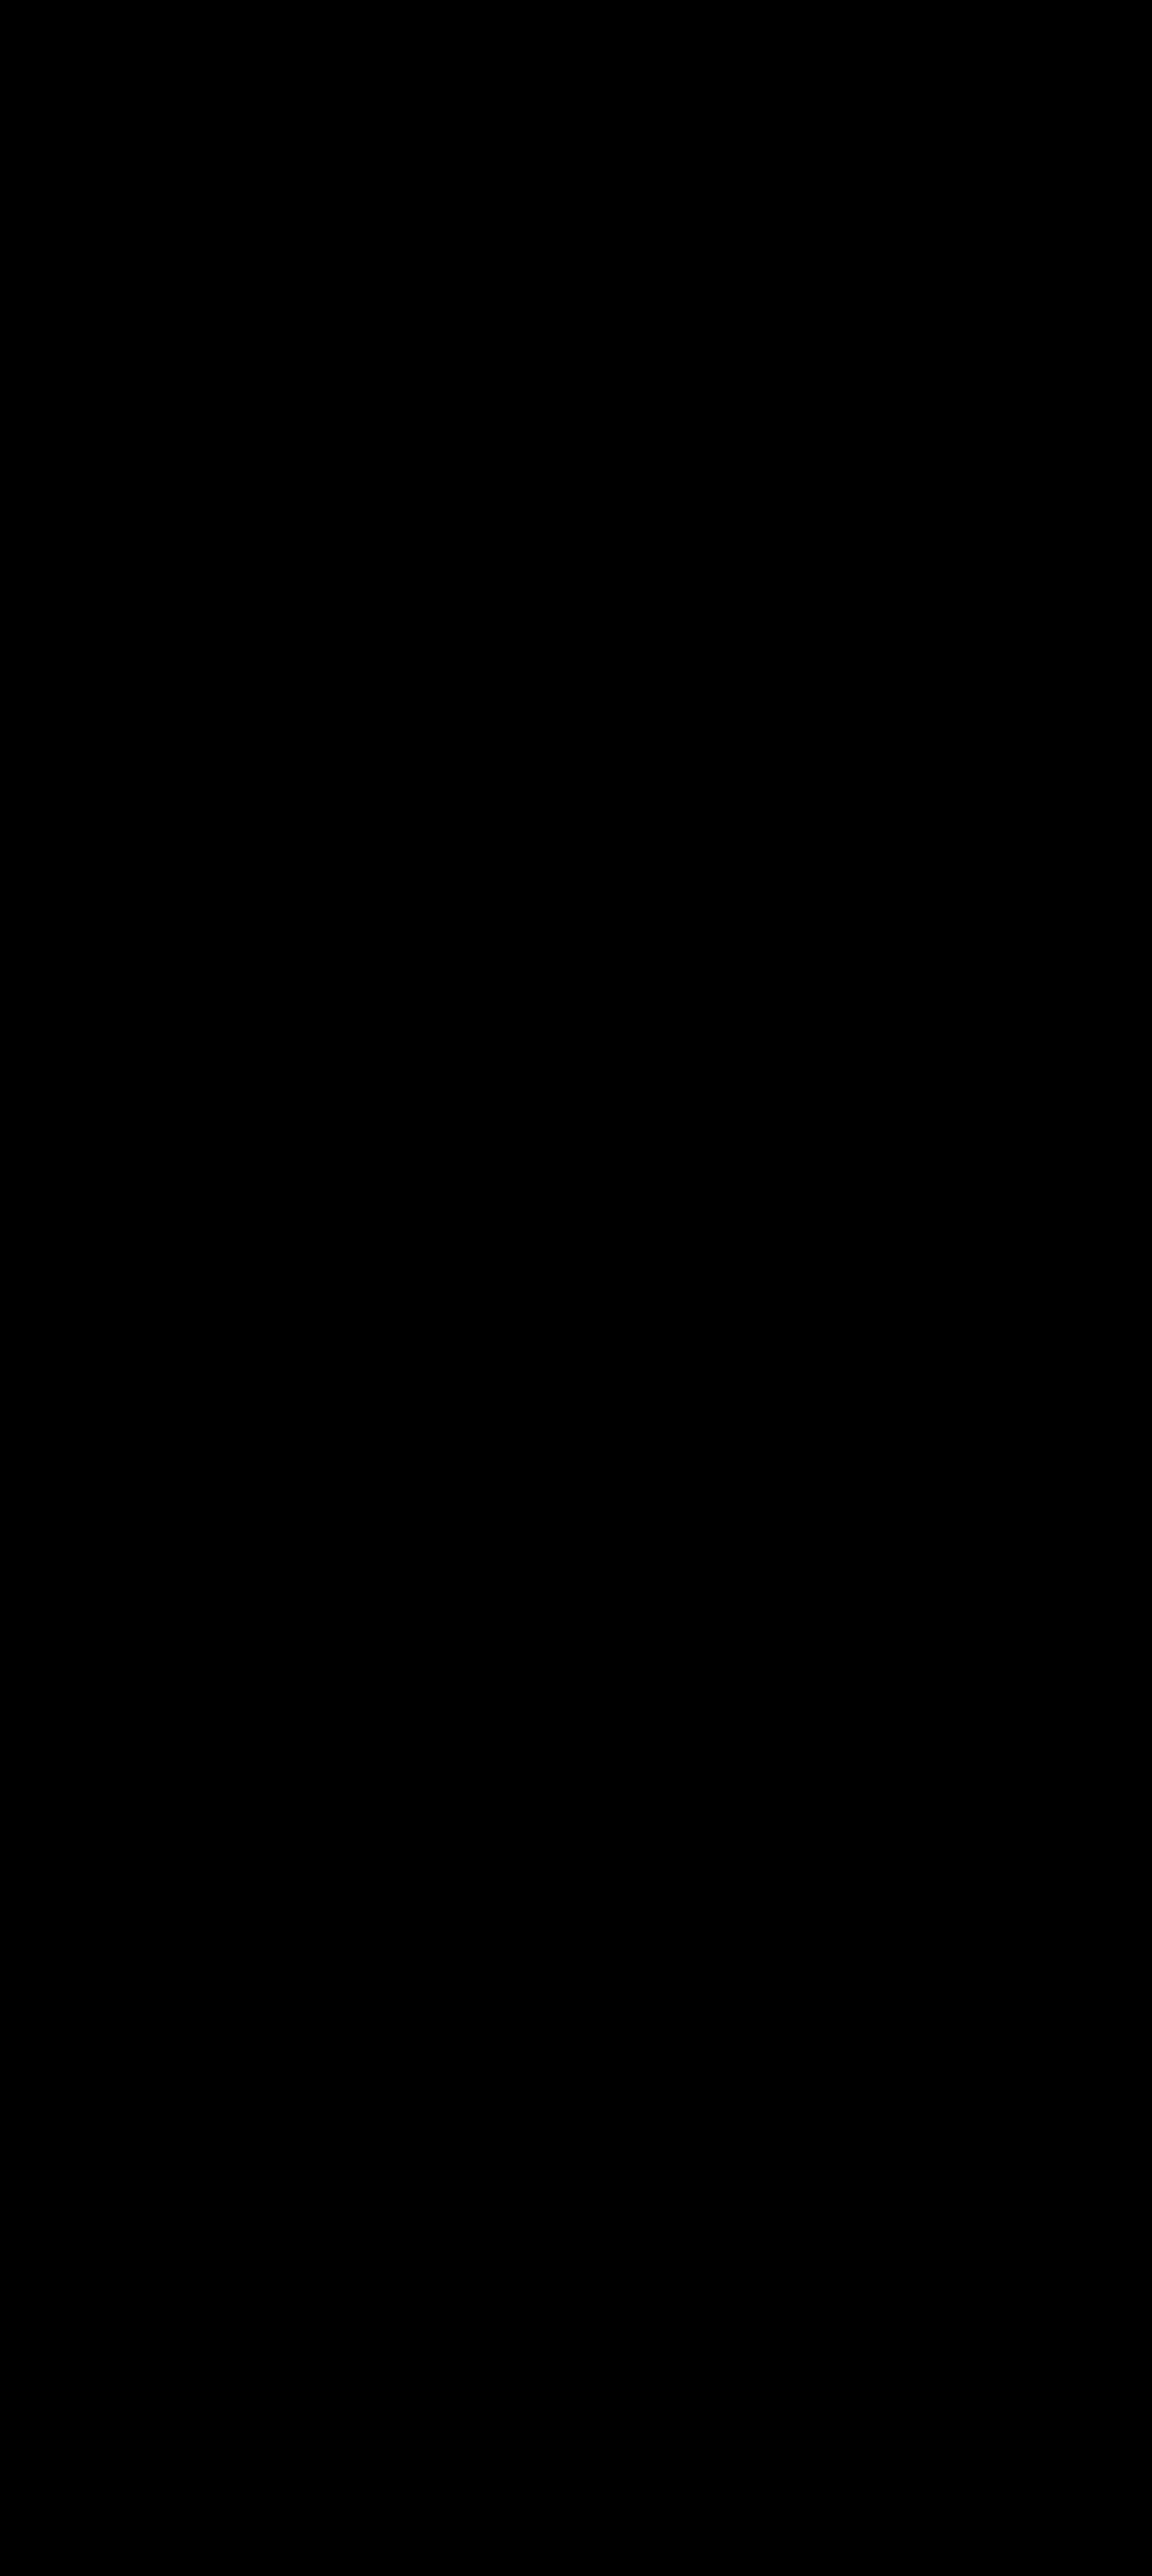 Информационное письмо с знакомством с сервисом Carrot quest